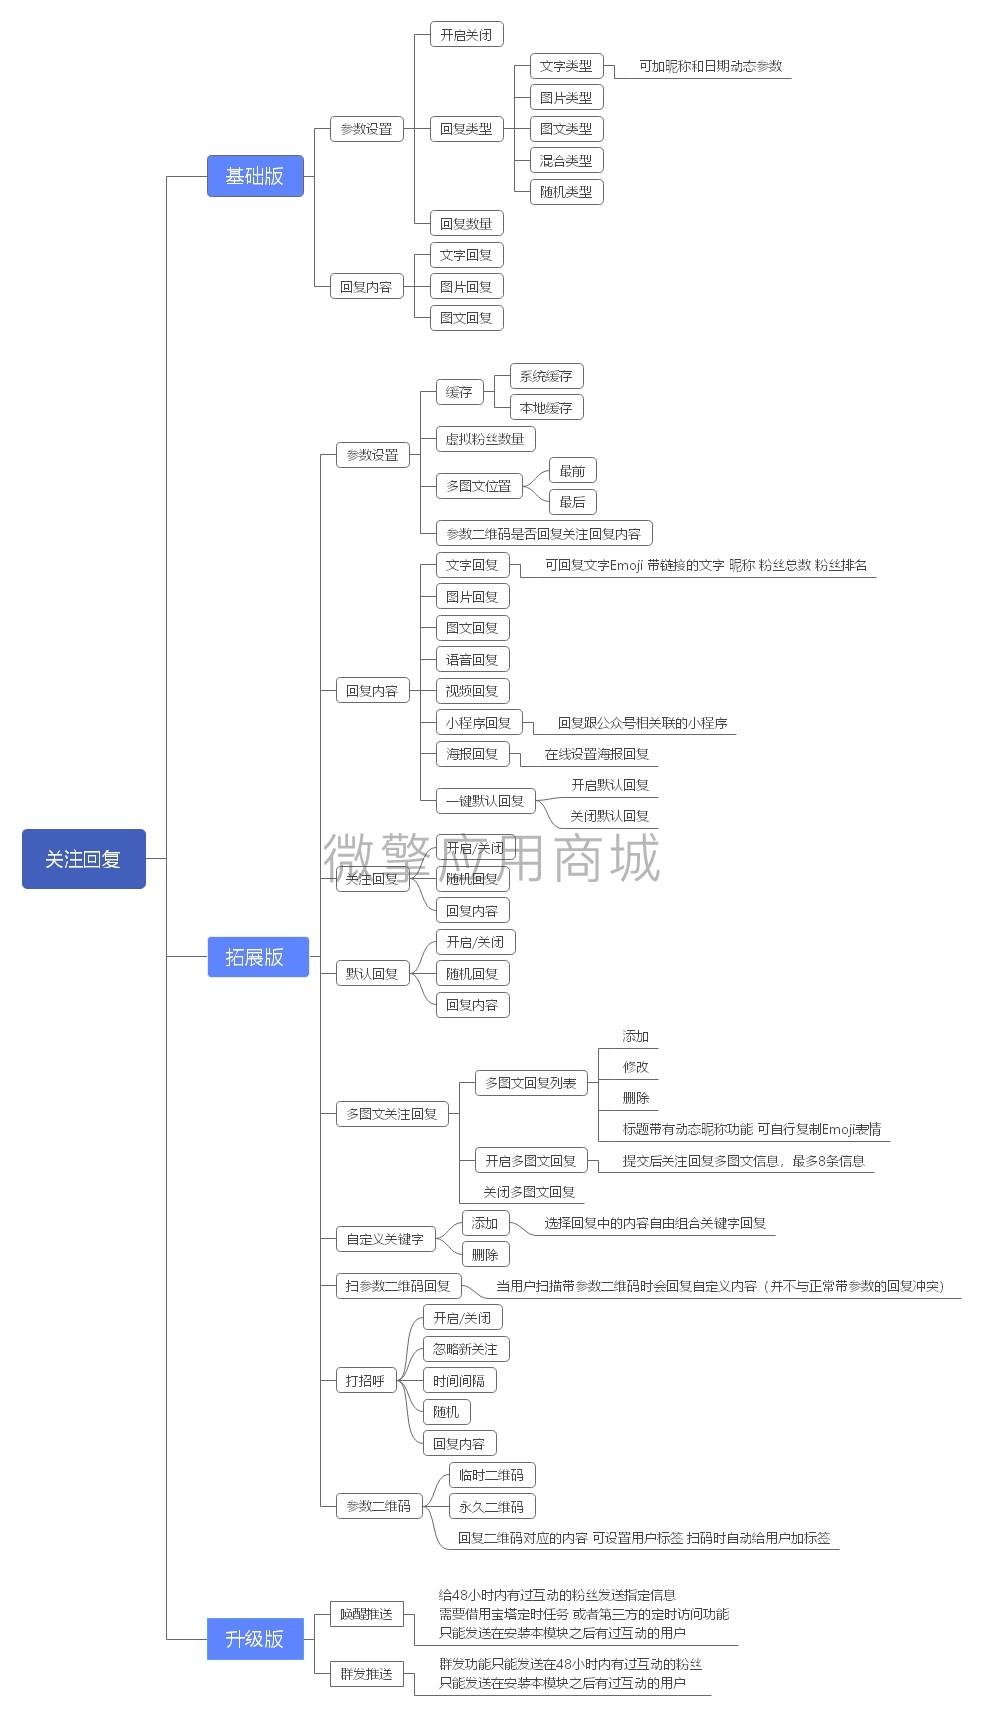 导图2.jpg